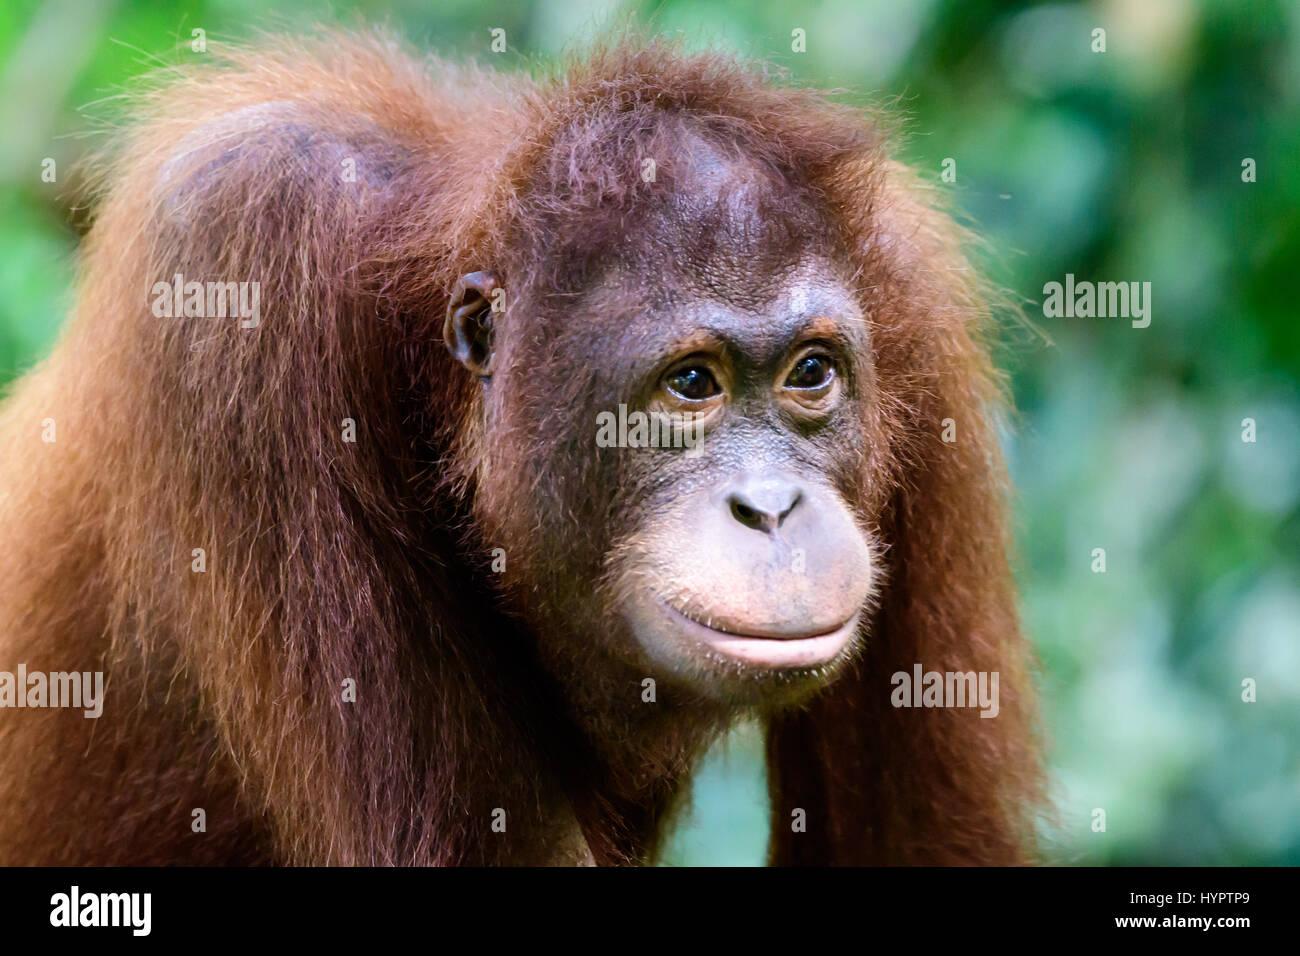 Cara inteligente de un orangután Imagen De Stock